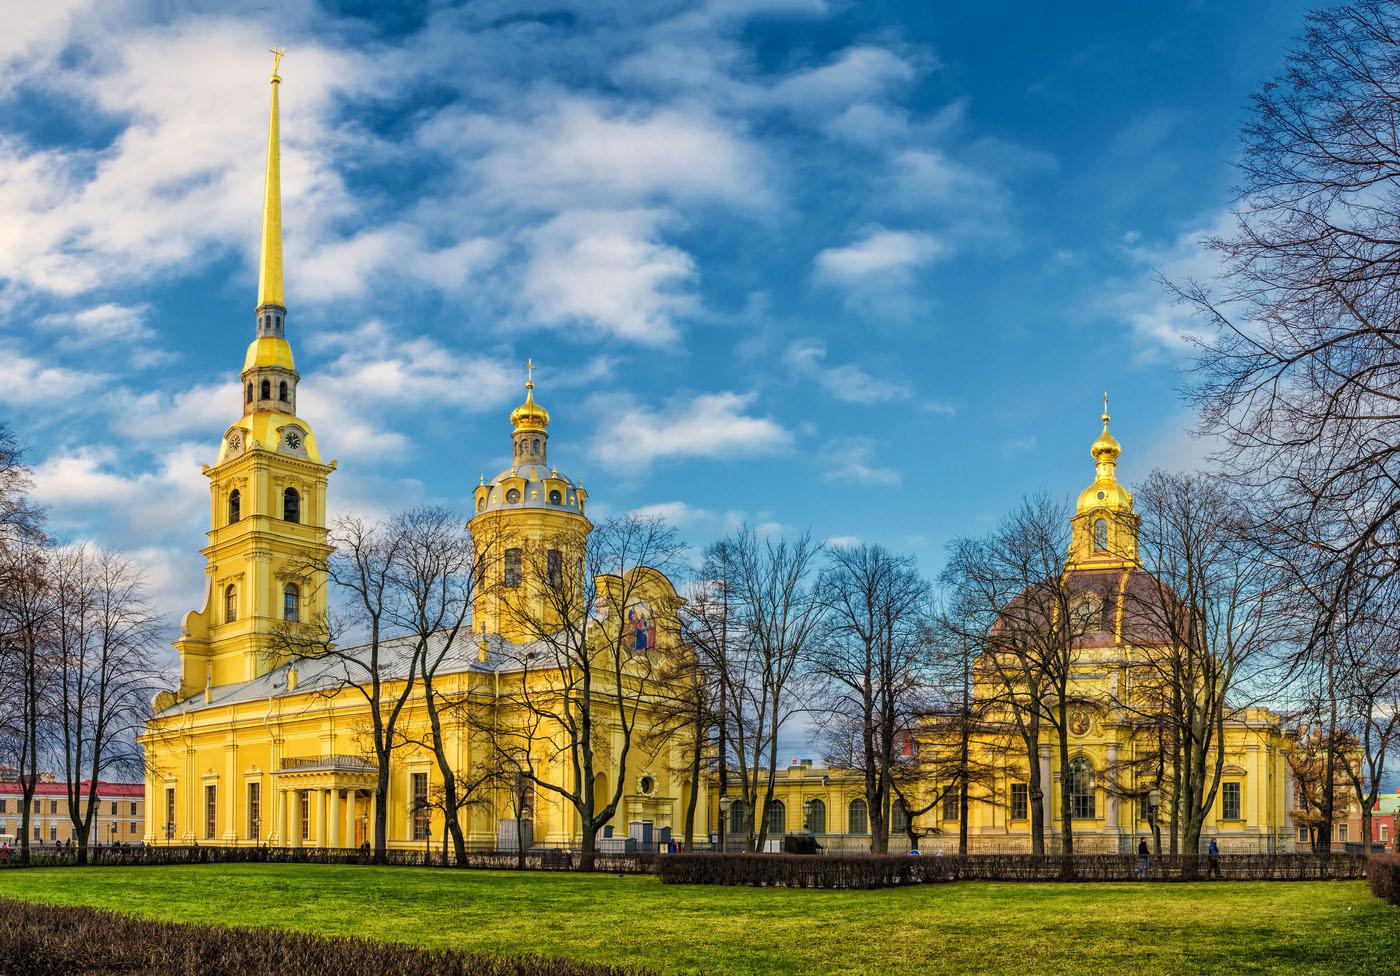 Петропавловский собор петербург картинки надеюсь, меня